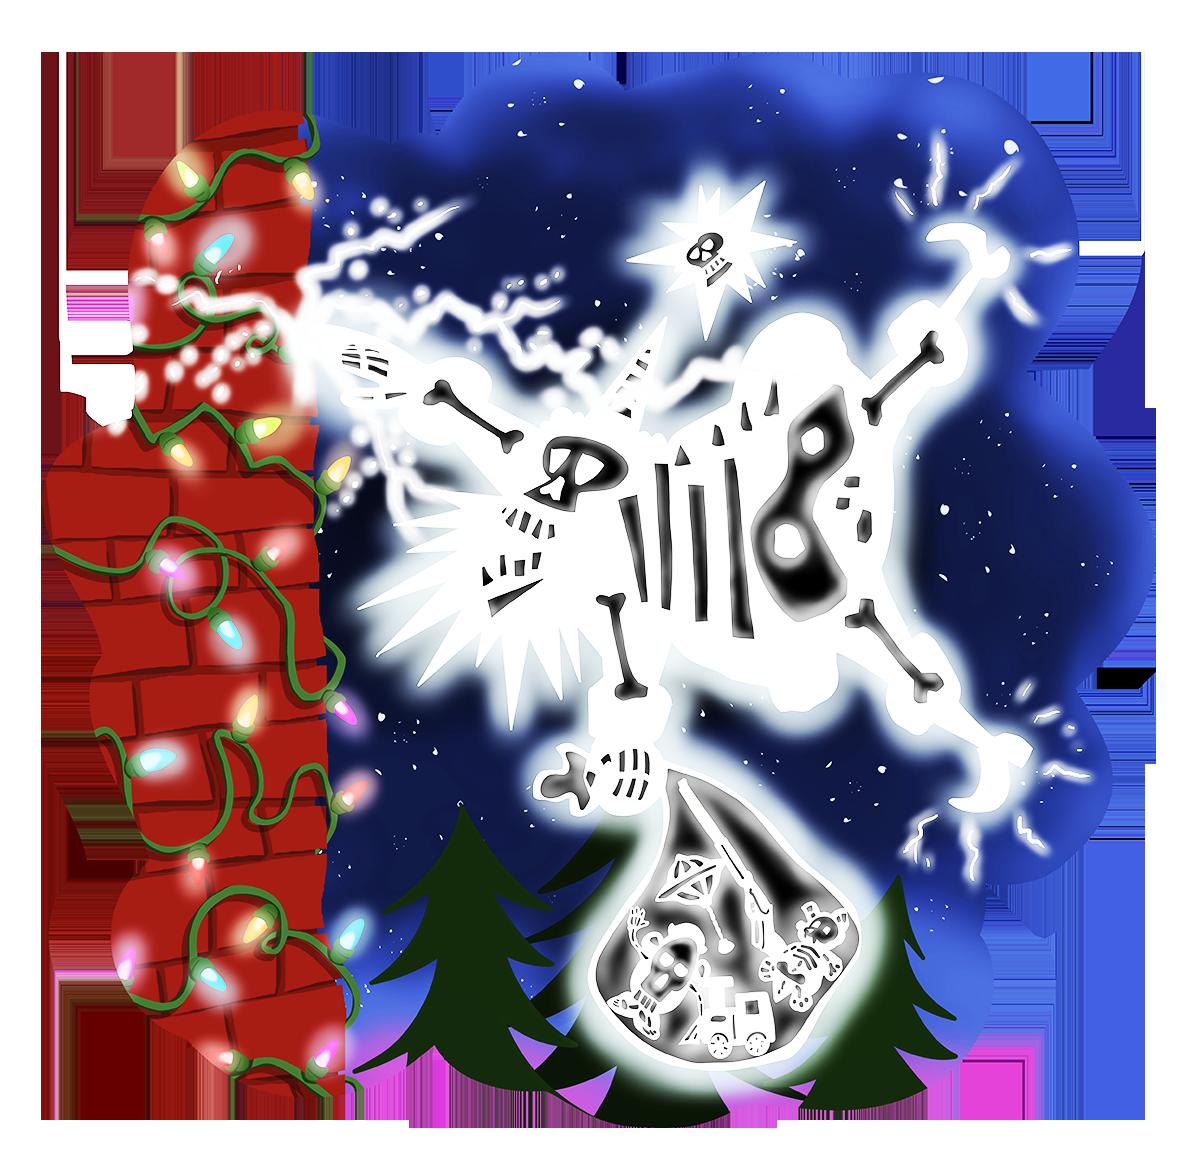 Fried Santa 2